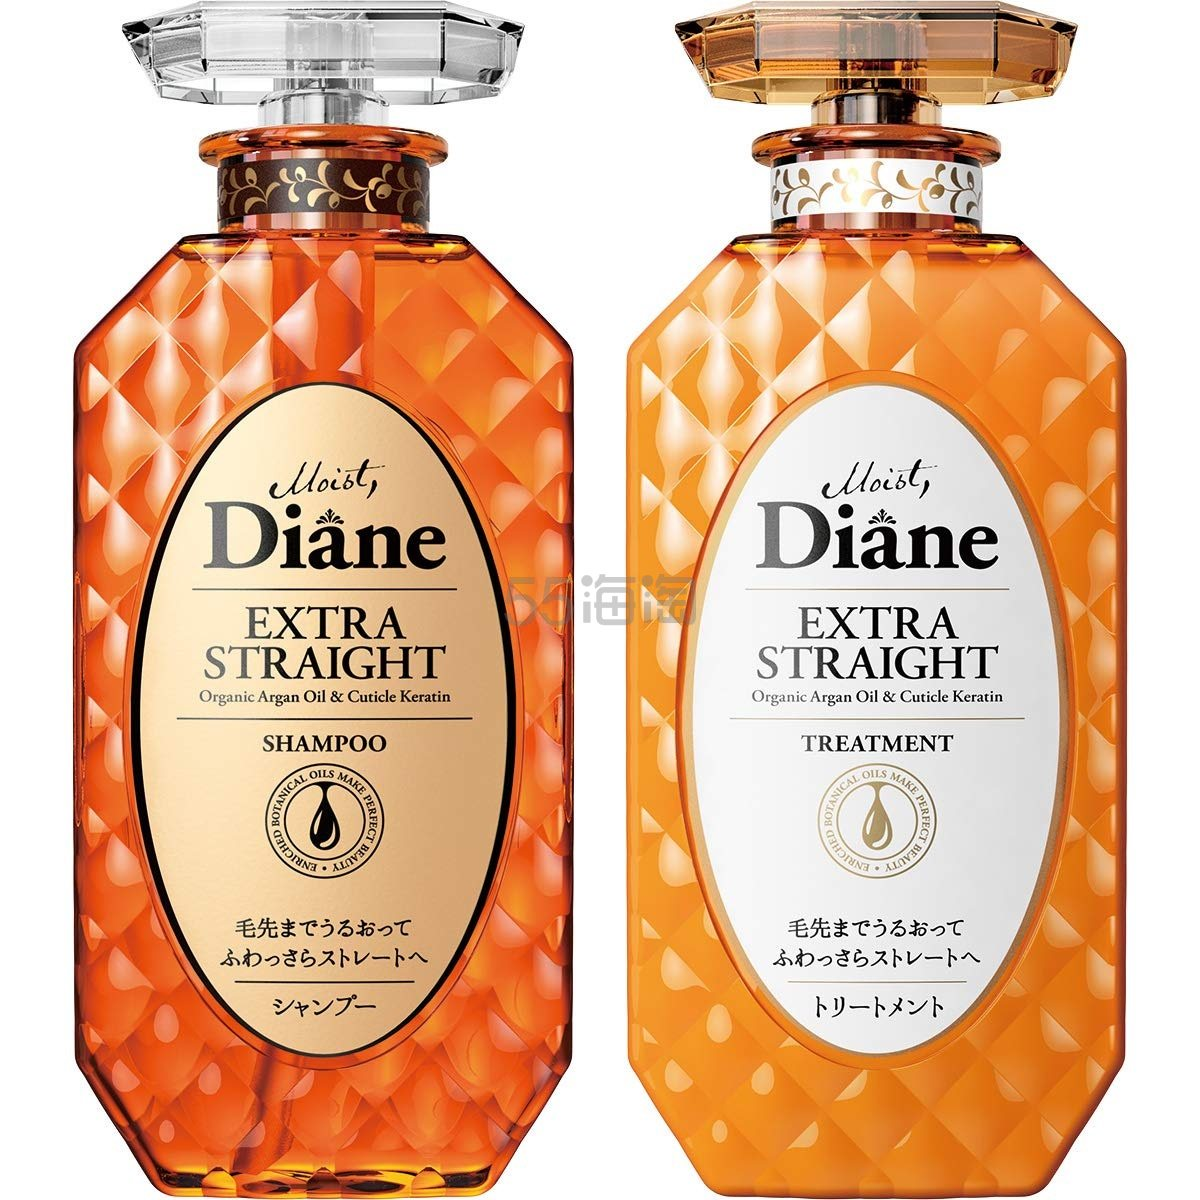 【中亚Prime会员】Moist Diane 无硅保湿修复洗护套装 洗发水 450ml+护发素 450ml 到手价70元 - 海淘优惠海淘折扣|55海淘网